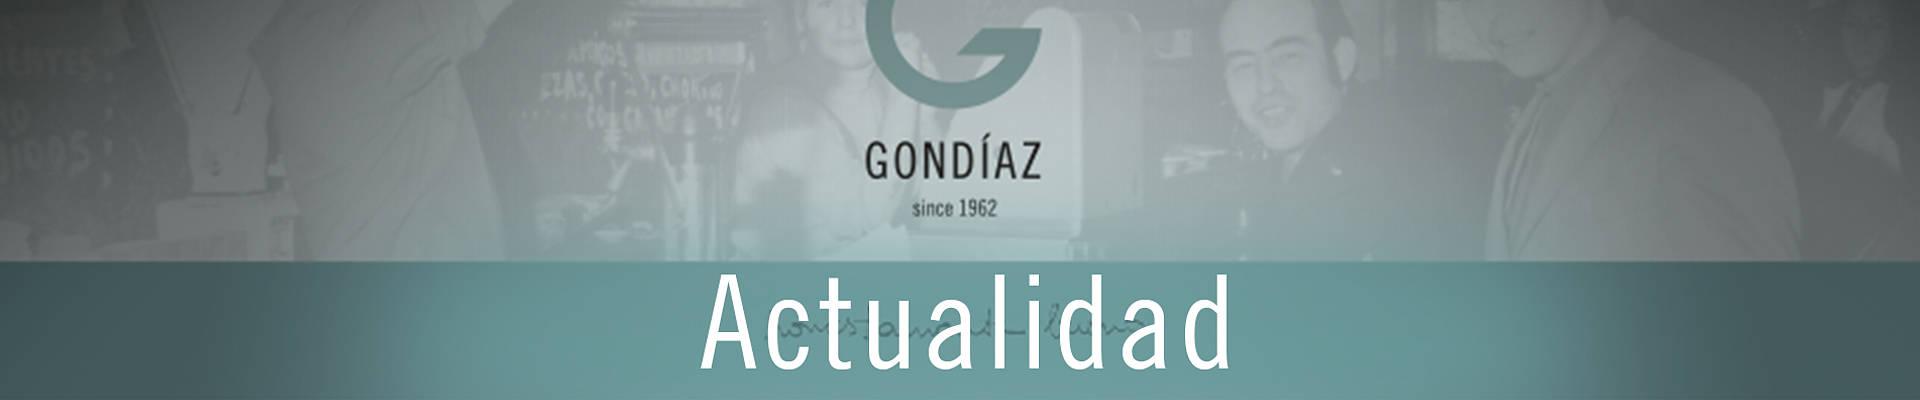 Blog Gondiaz